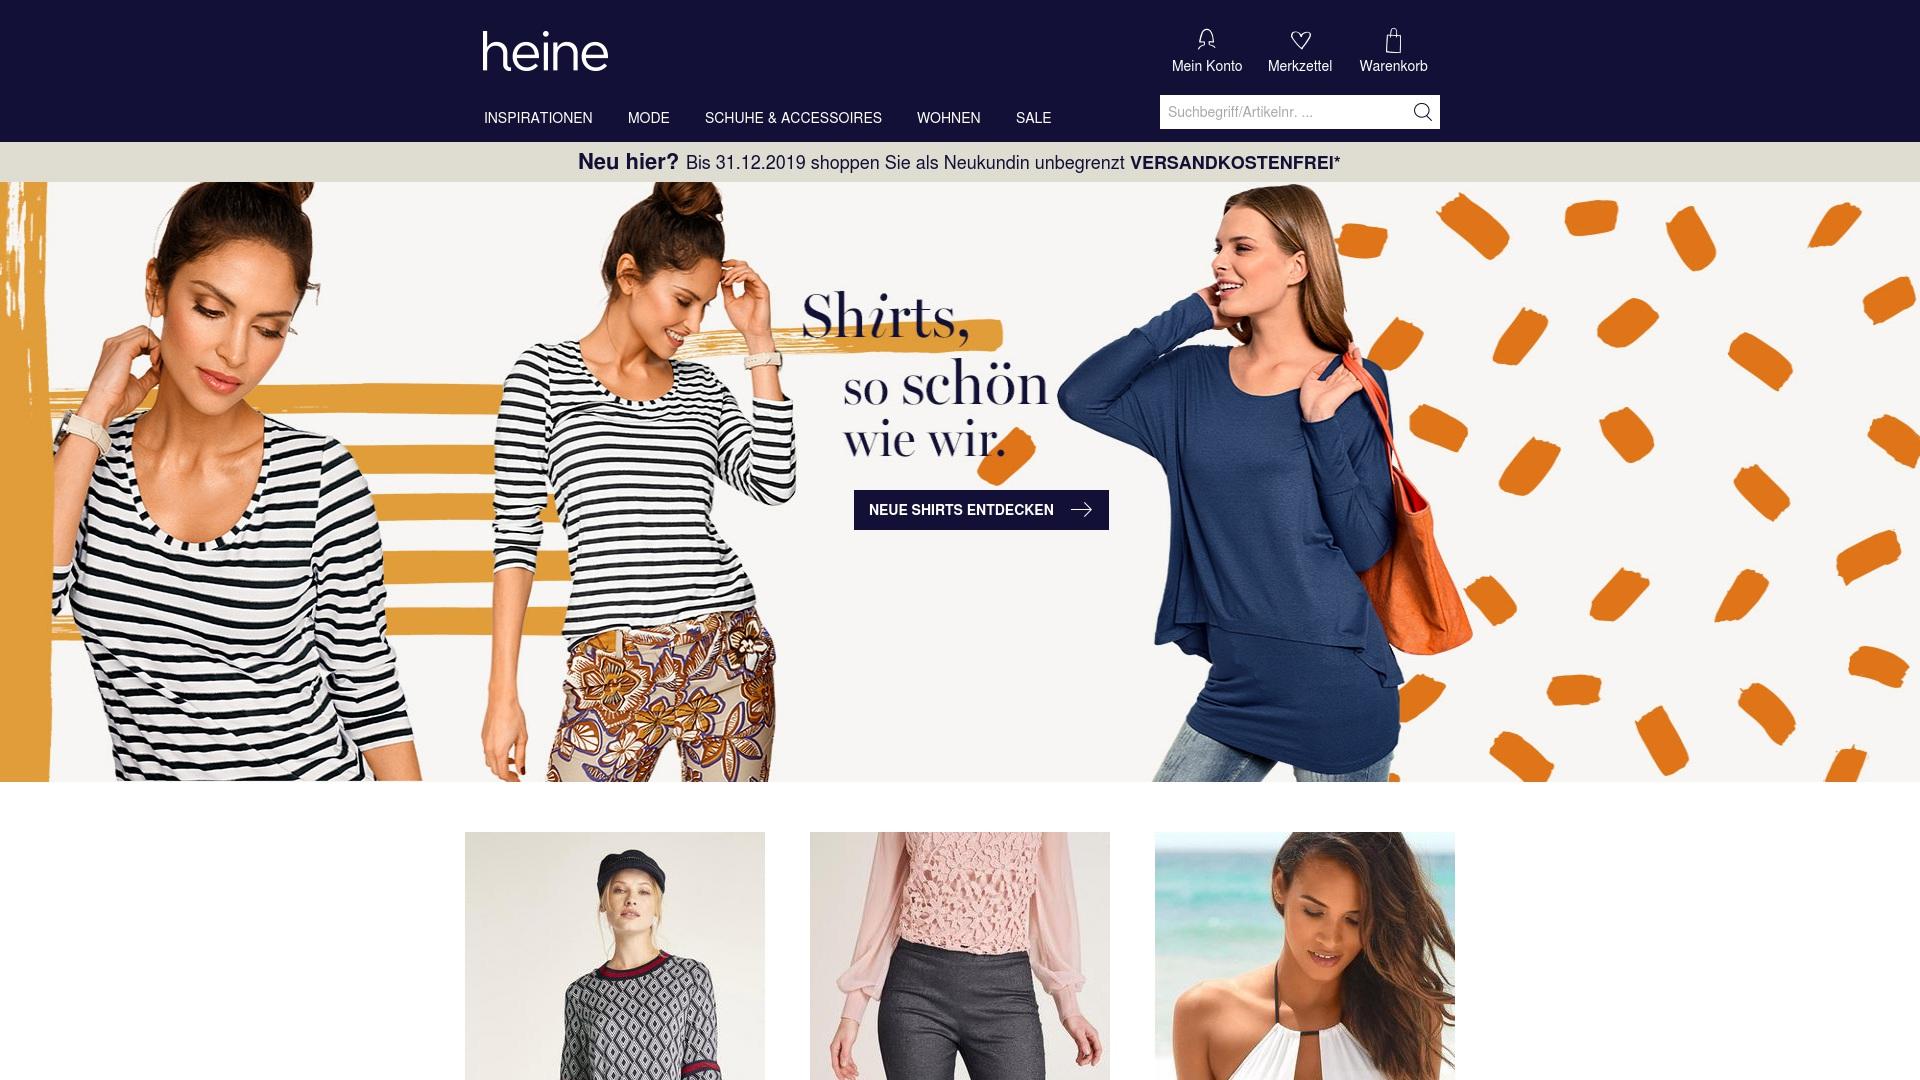 Gutschein für Heine: Rabatte für  Heine sichern